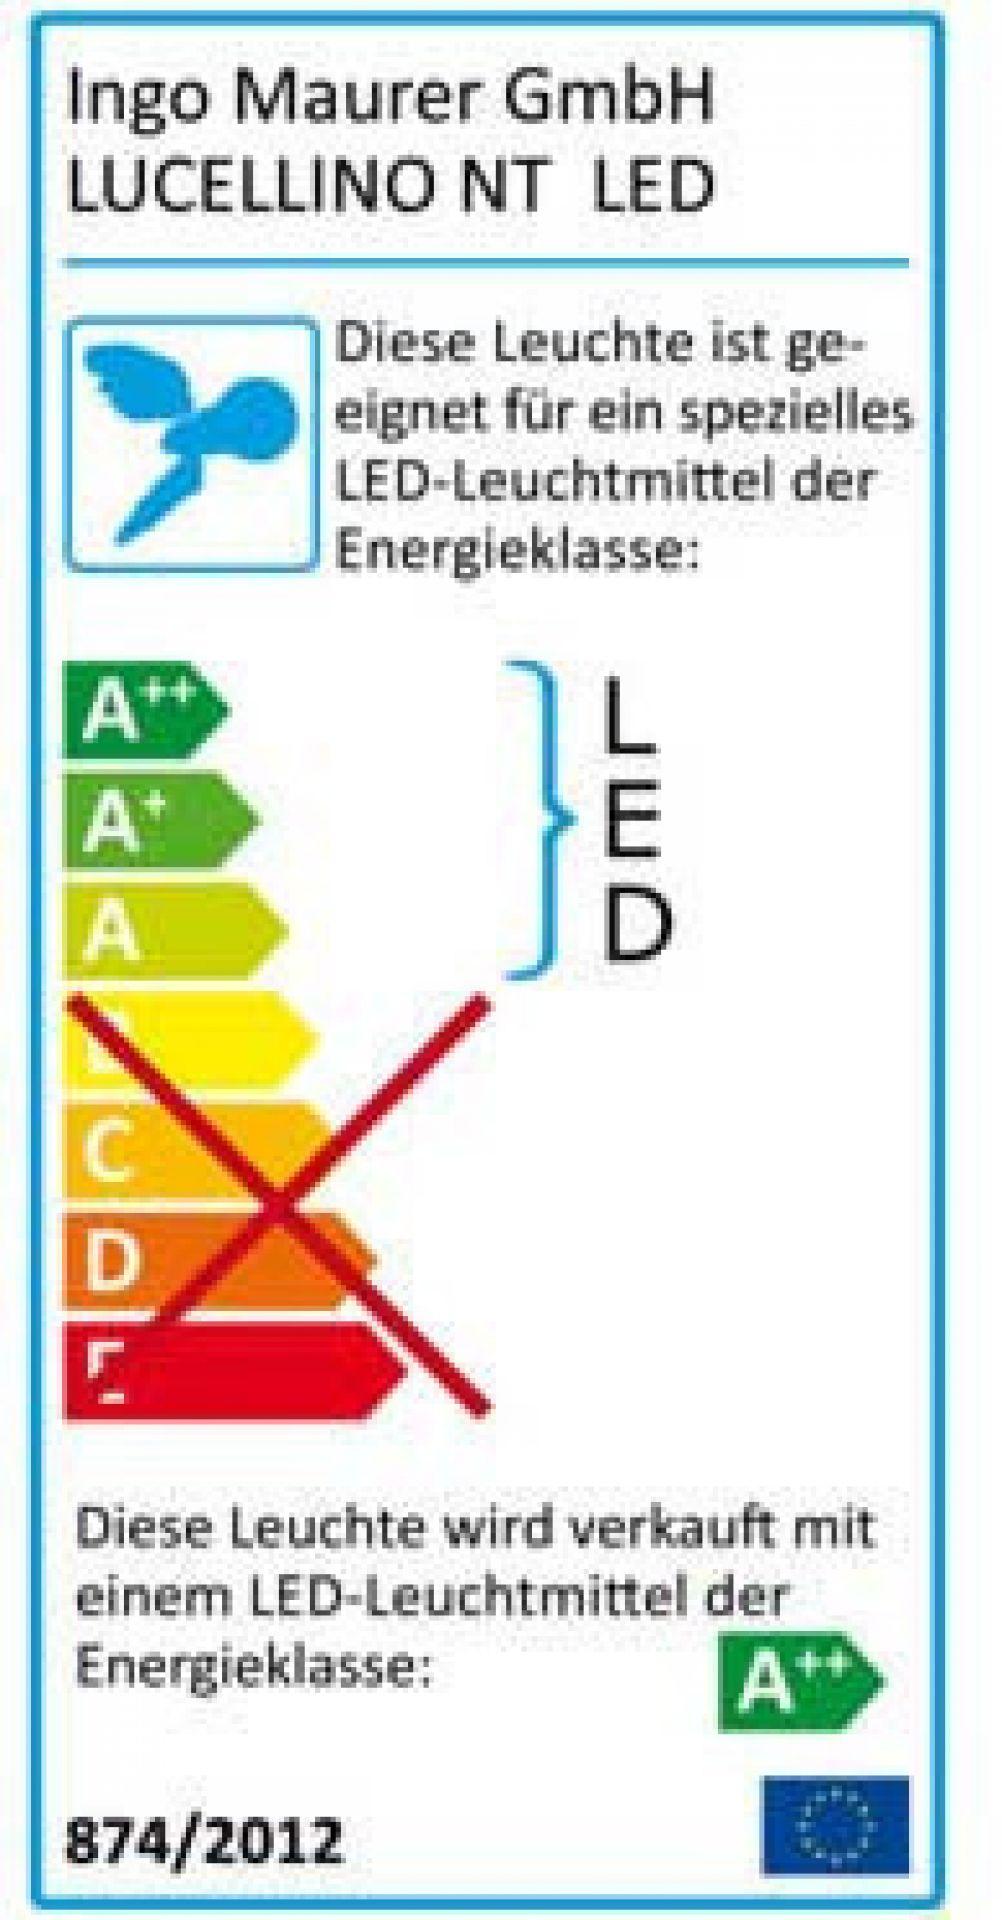 Lucellino NT LED Wandleuchte Ingo Maurer